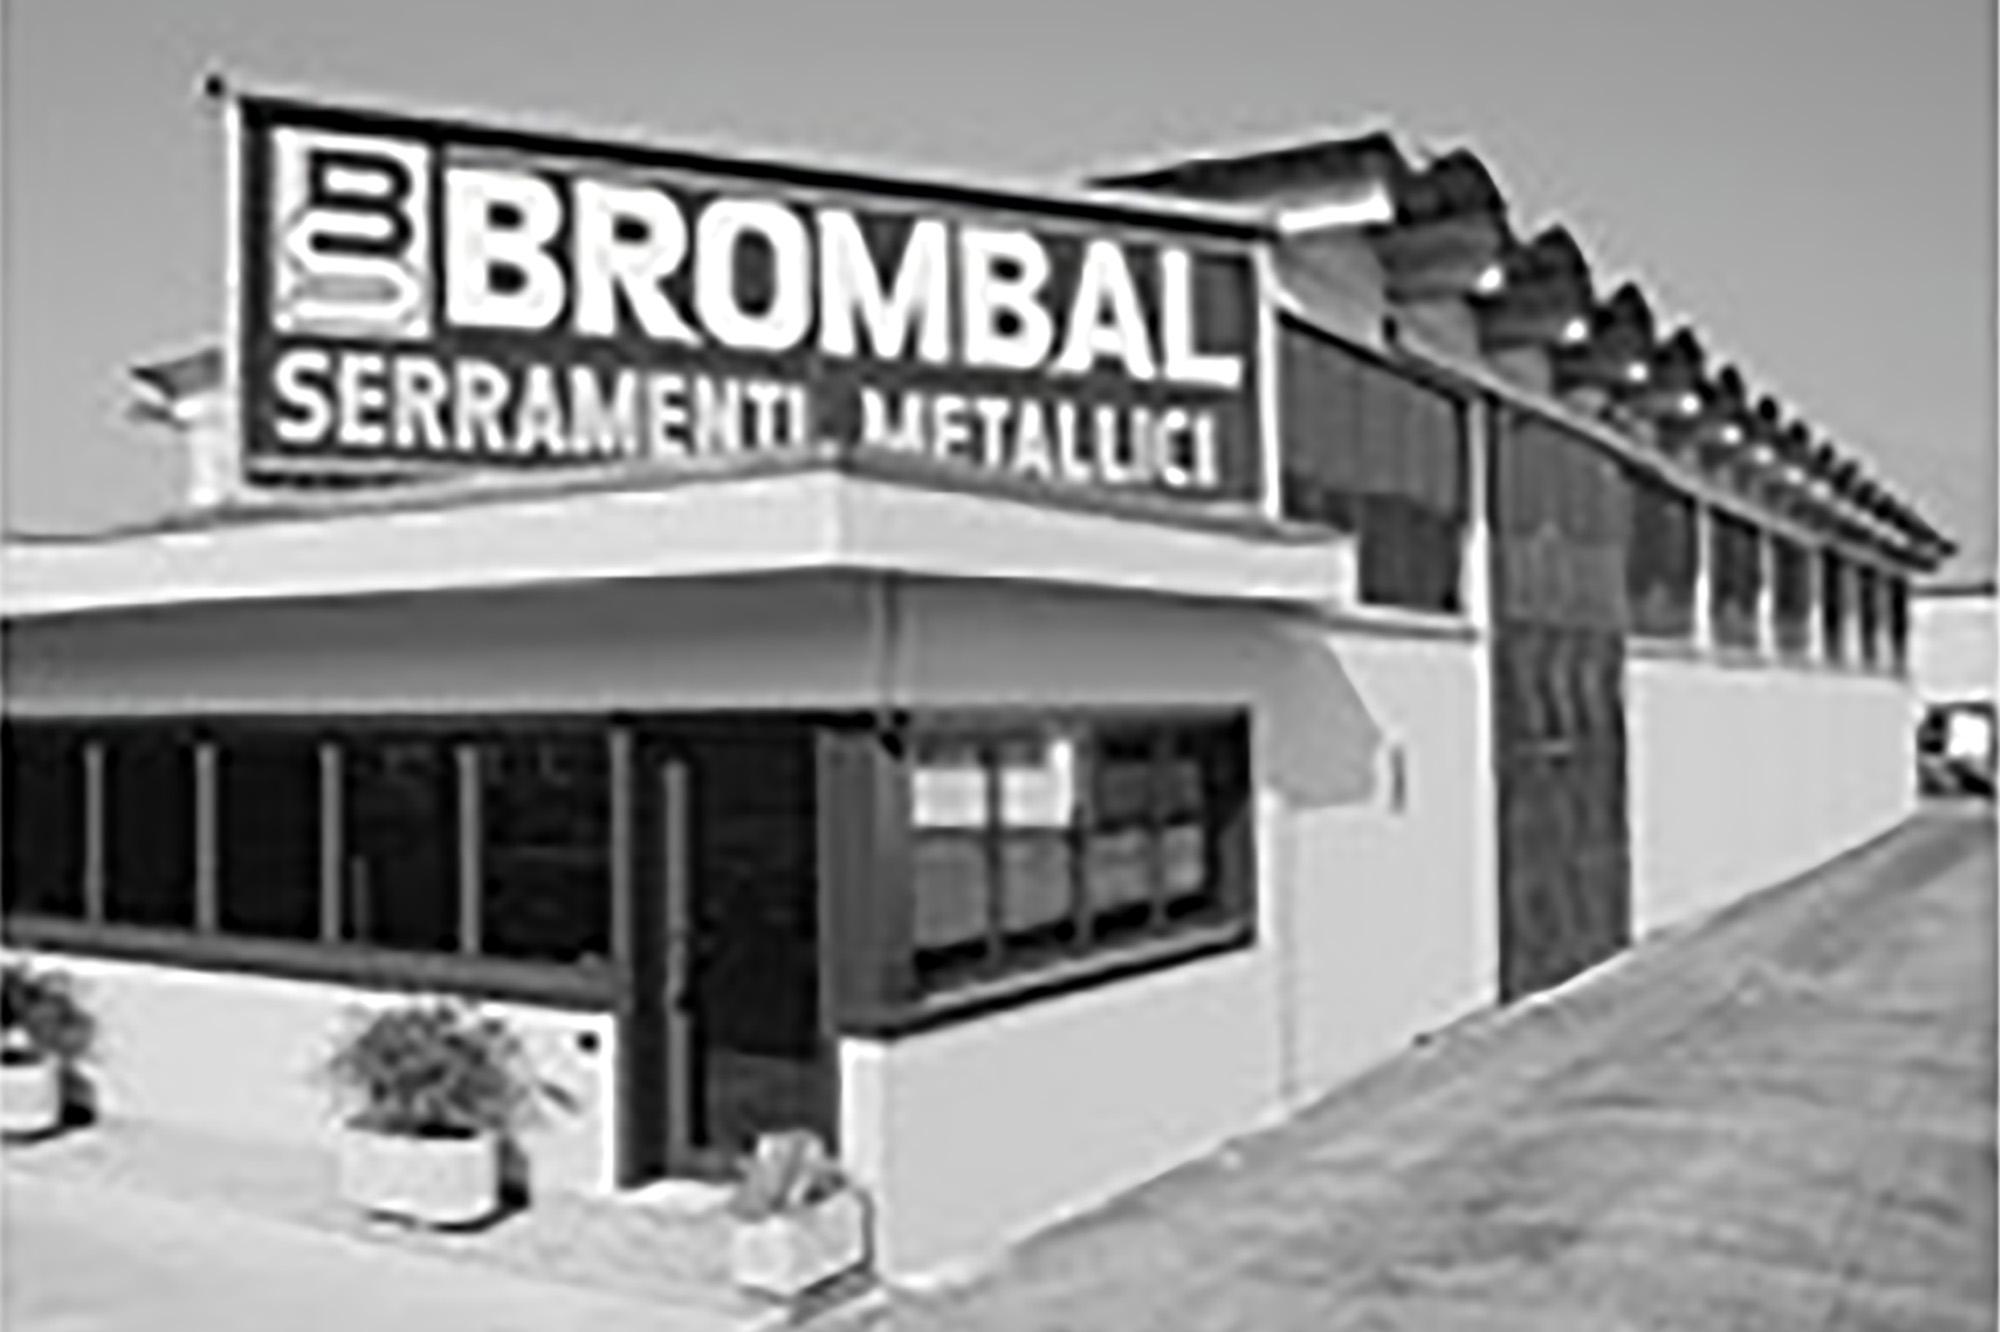 Brombal Serramenti opens